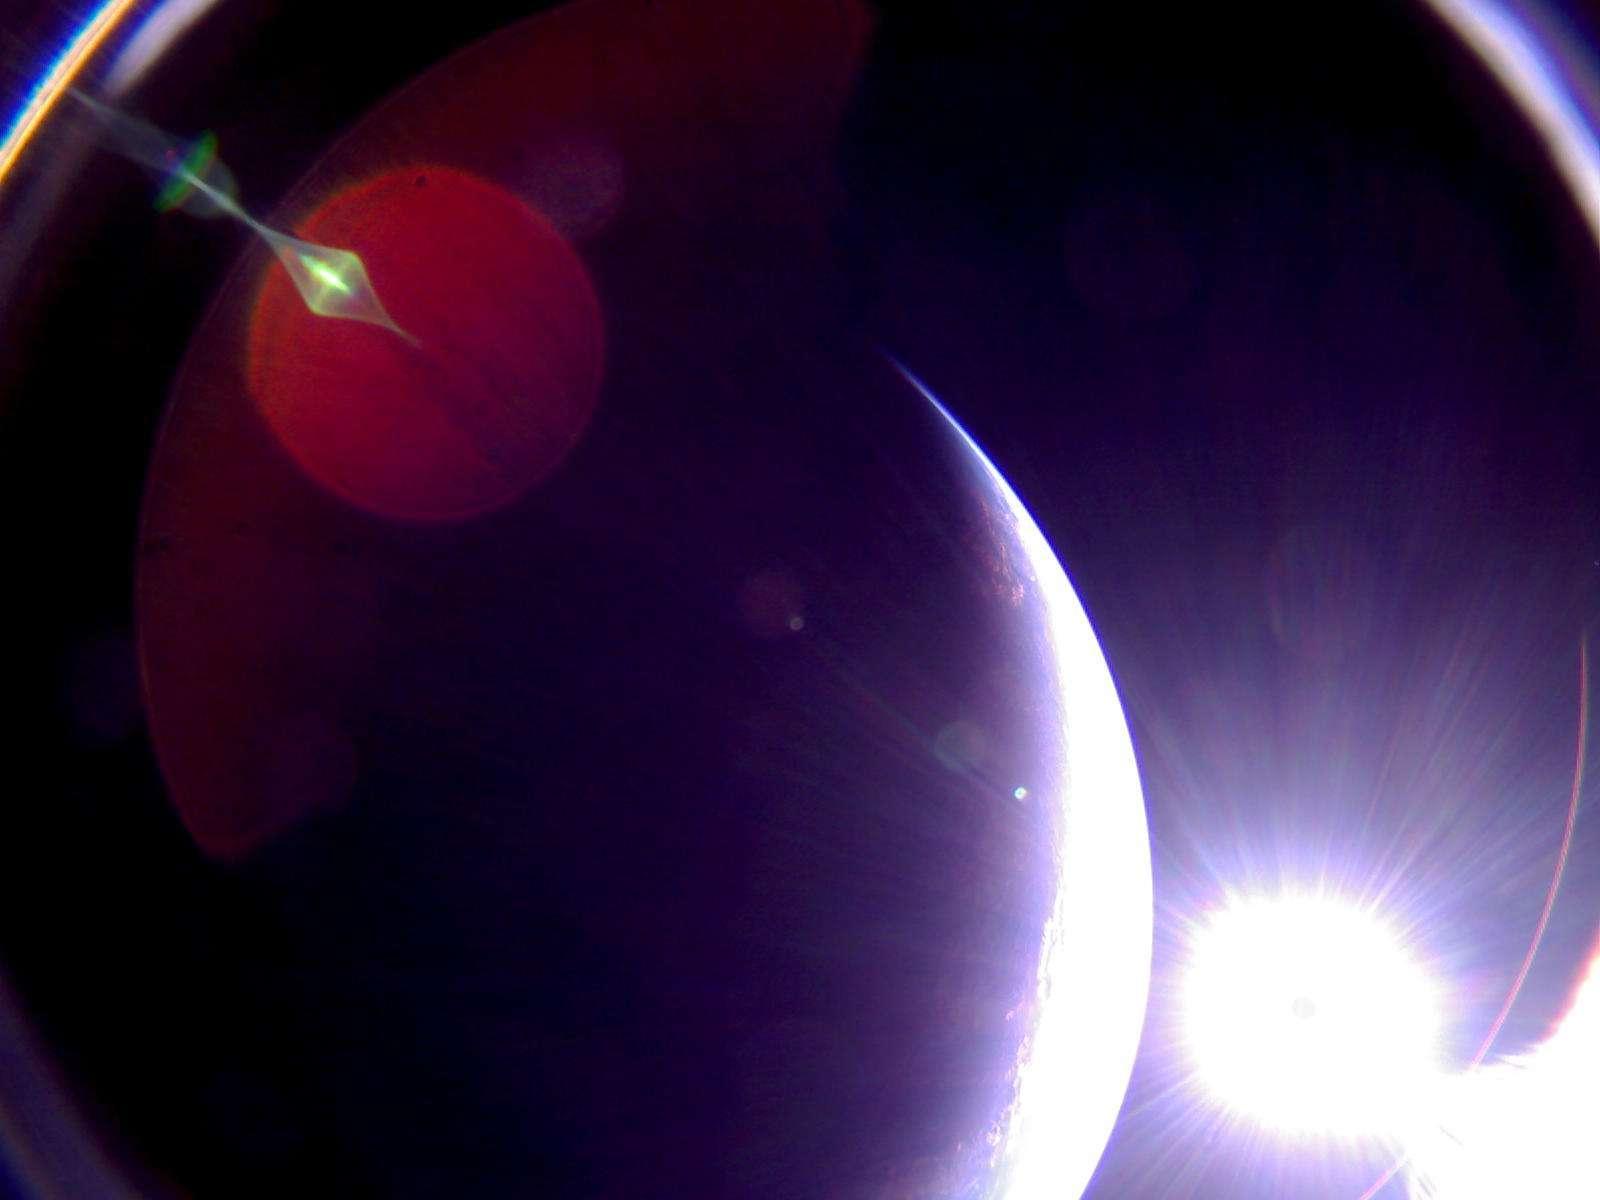 Image de la Terre et du Soleil (en bas à droite) peu avant que celui-ci ne disparaisse à l'horizon, prise par la voile solaire LightSail-2 le 6 juillet 2019. Sur cette image non retouchée, les artefacts proviennent de la diffusion de la lumière à l'intérieur de l'objectif de la caméra. Il s'agit par ailleurs d'un objectif fisheye avec un vaste champ de vision (180°), mais responsable des arcs brillants aux coins de l'image et source de distorsion. © The Planetary Society